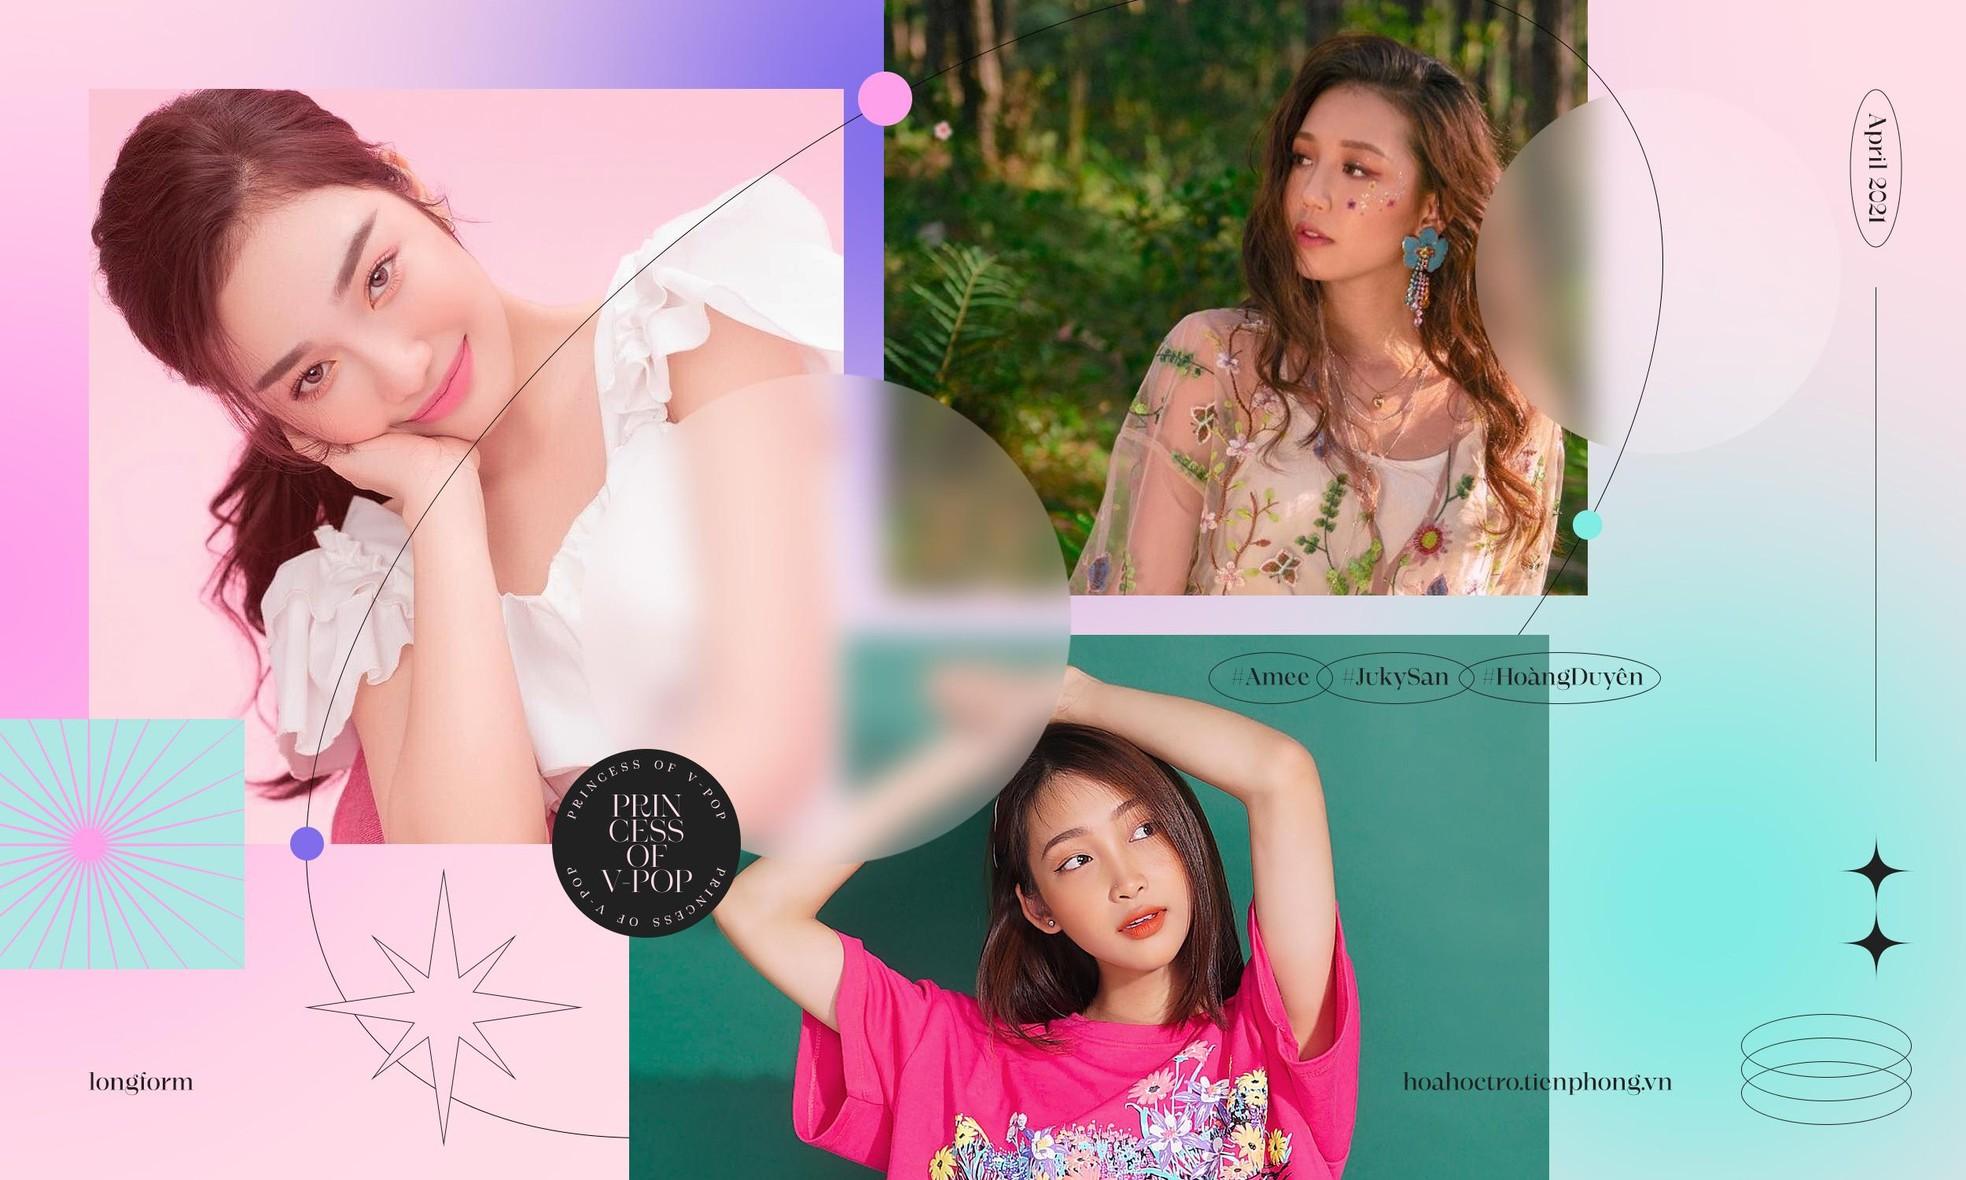 """Đặt ngôi sao hi vọng vào 3 nàng """"công chúa mới"""" của V-Pop: Amee, Hoàng Duyên, Juky San  ảnh 8"""